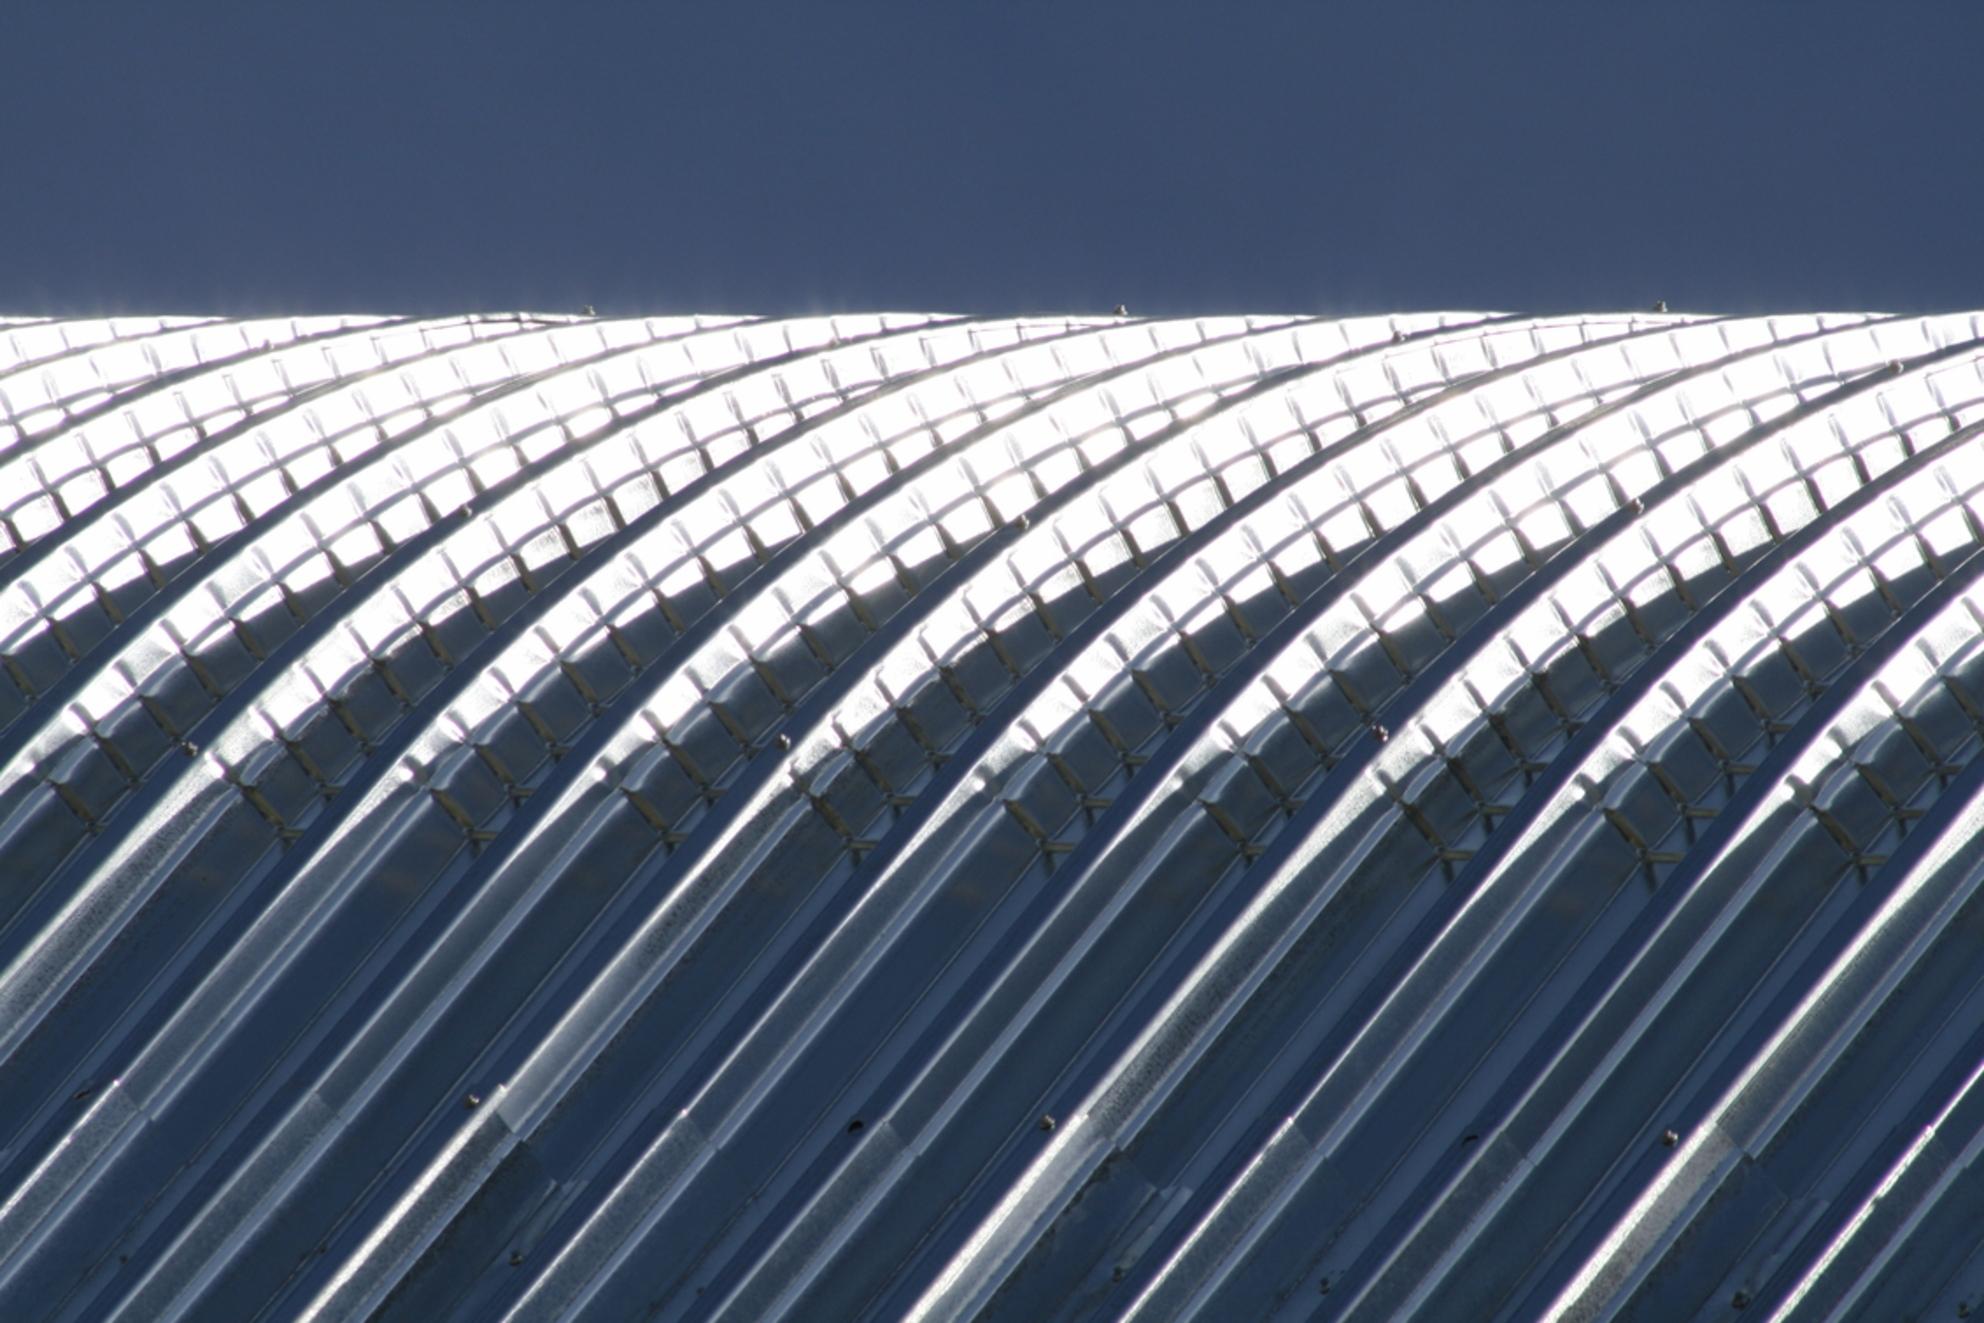 Goed gepoetst - Dit is een foto van een dak in aanbouw bij de RAI in Amsterdam. Geen idee of dit het eindresultaat is... - foto door MirjamKoot op 14-09-2008 - deze foto bevat: abstract, licht, lijnen, architectuur, fel, dak, rai, mirjamk